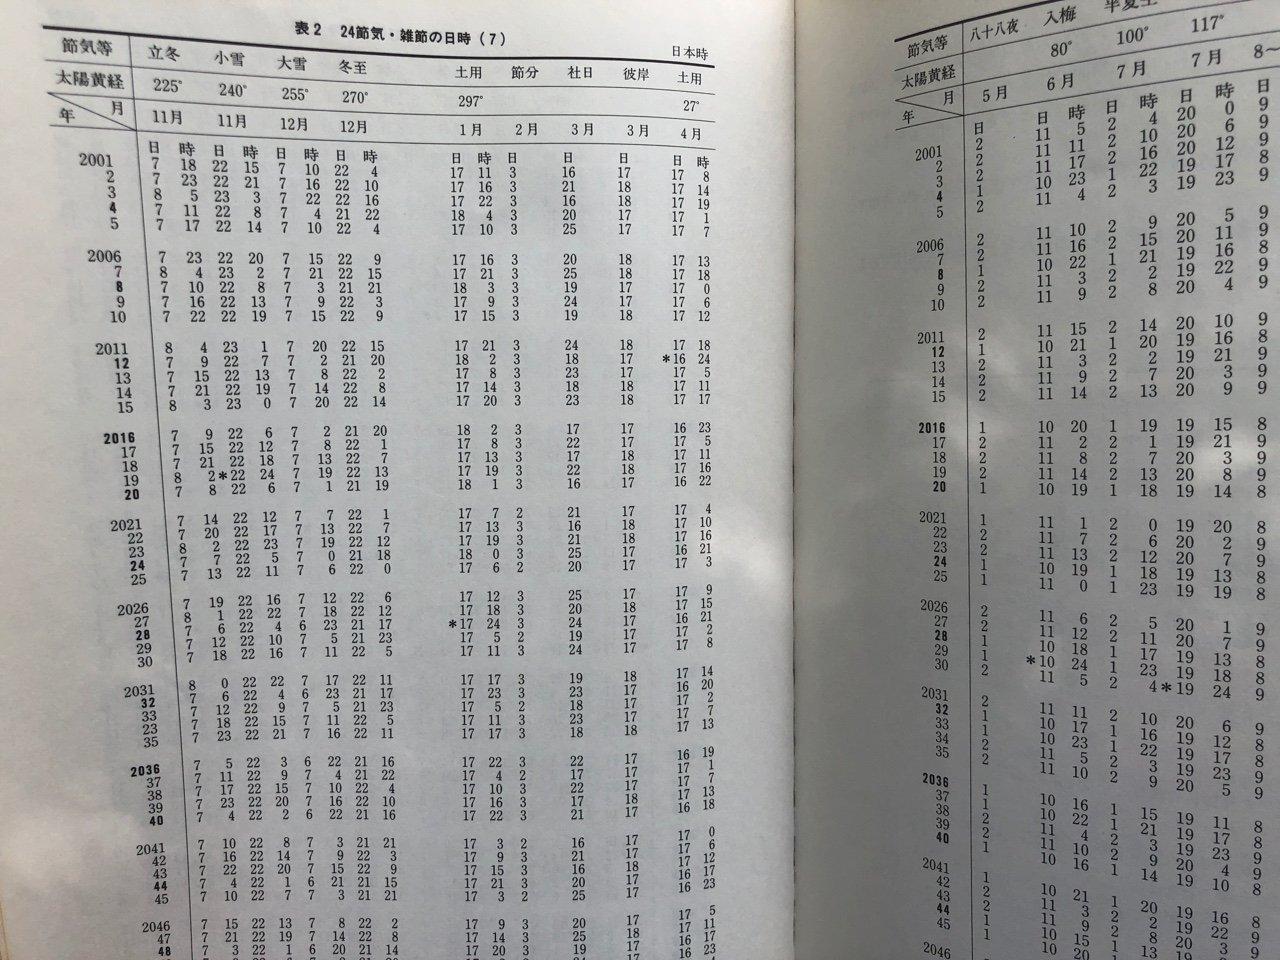 24節気・雑節の日時。  新こよみ便利帳―天文現象・暦計算のすべて | 暦計算研究会 https://t.co/J1AqAK9hwC https://t.co/mzBbivtMJs